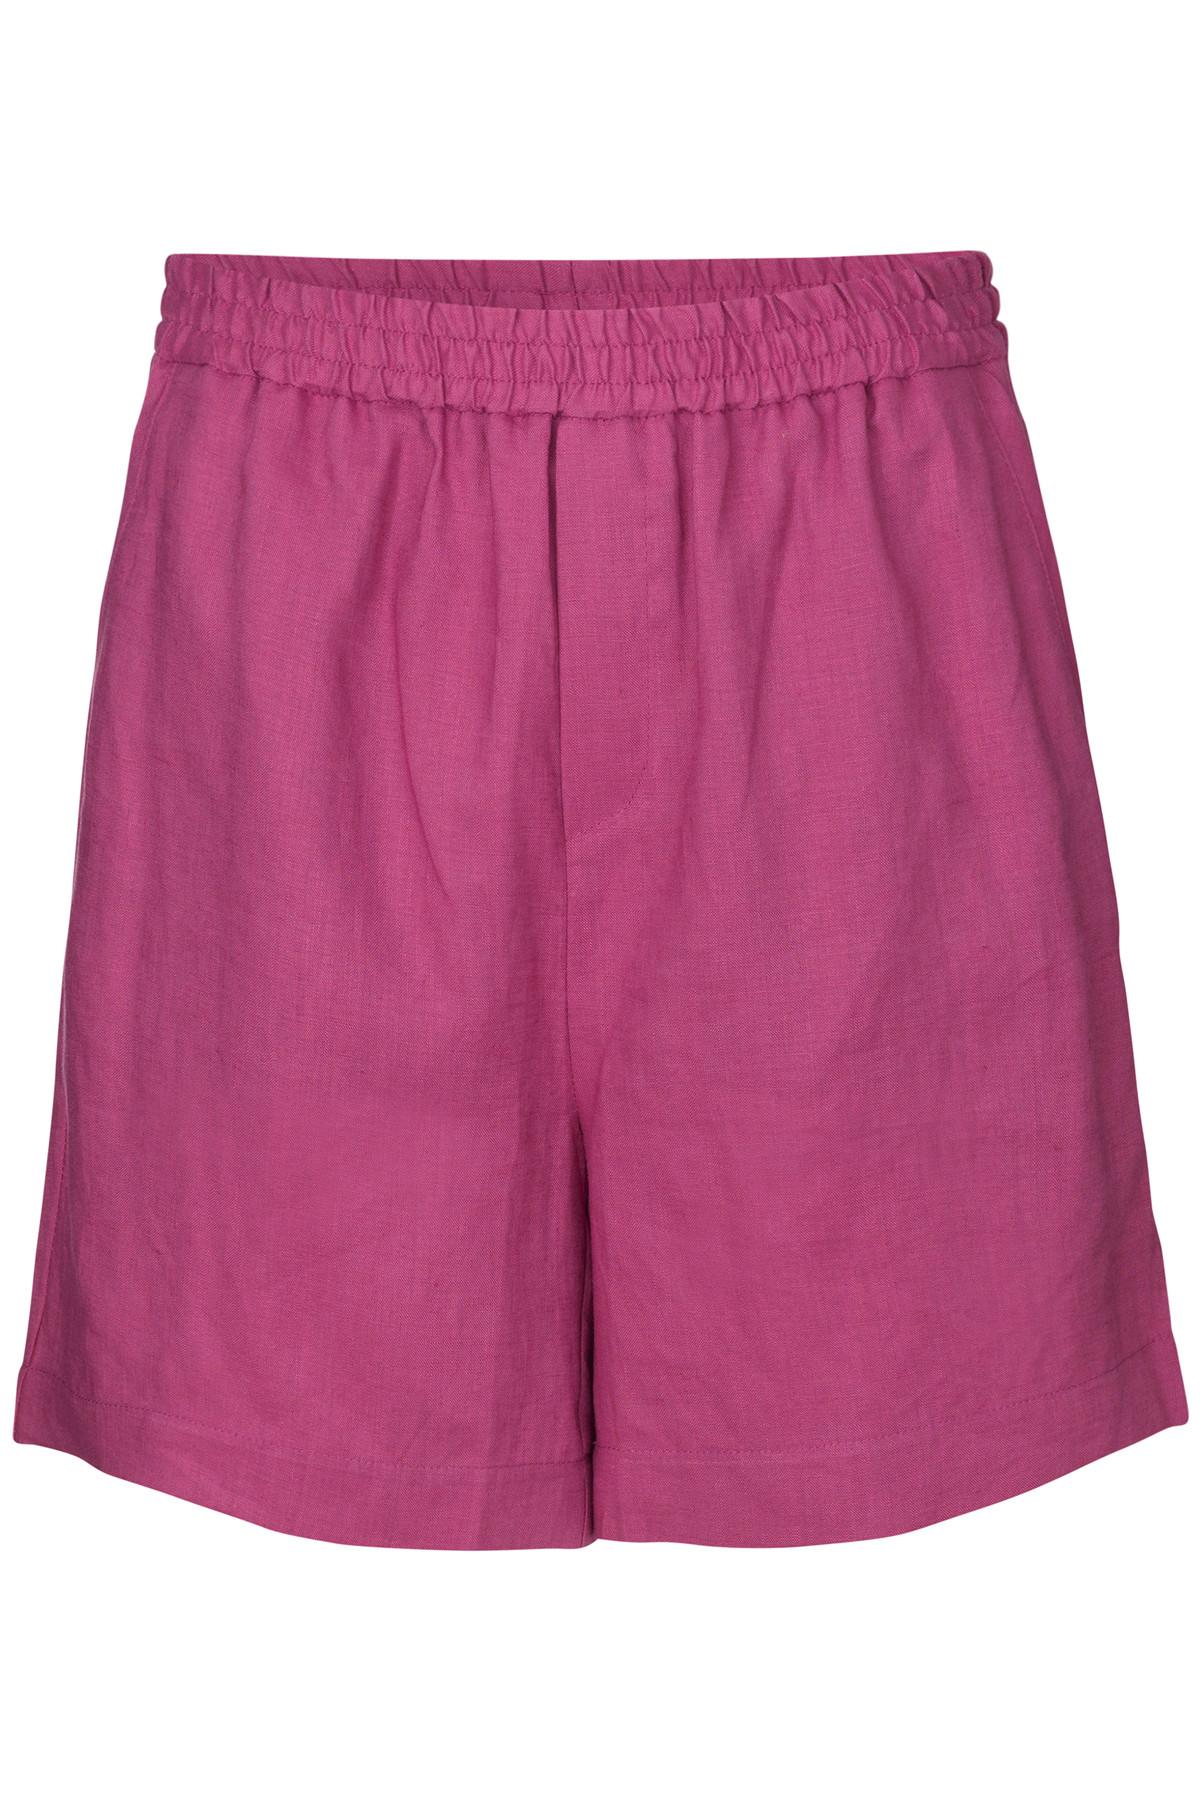 Image of   NOA NOA SHORTS 1-9424-1 00490 (Pink, 40)